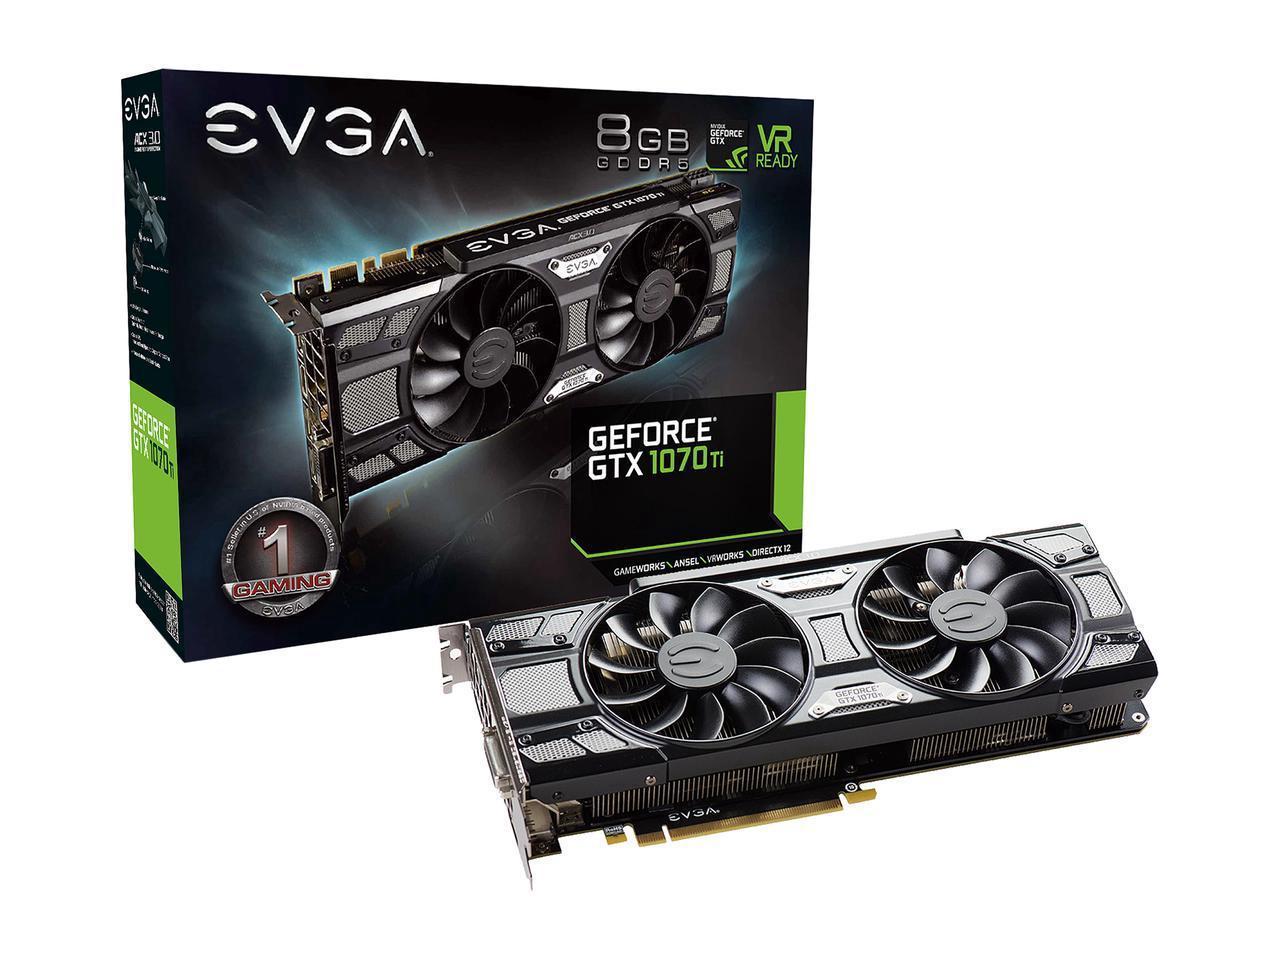 VGA EVGA Geforce GTX 1070Ti SC Gaming 8GB (08G-P4-5671-KR)